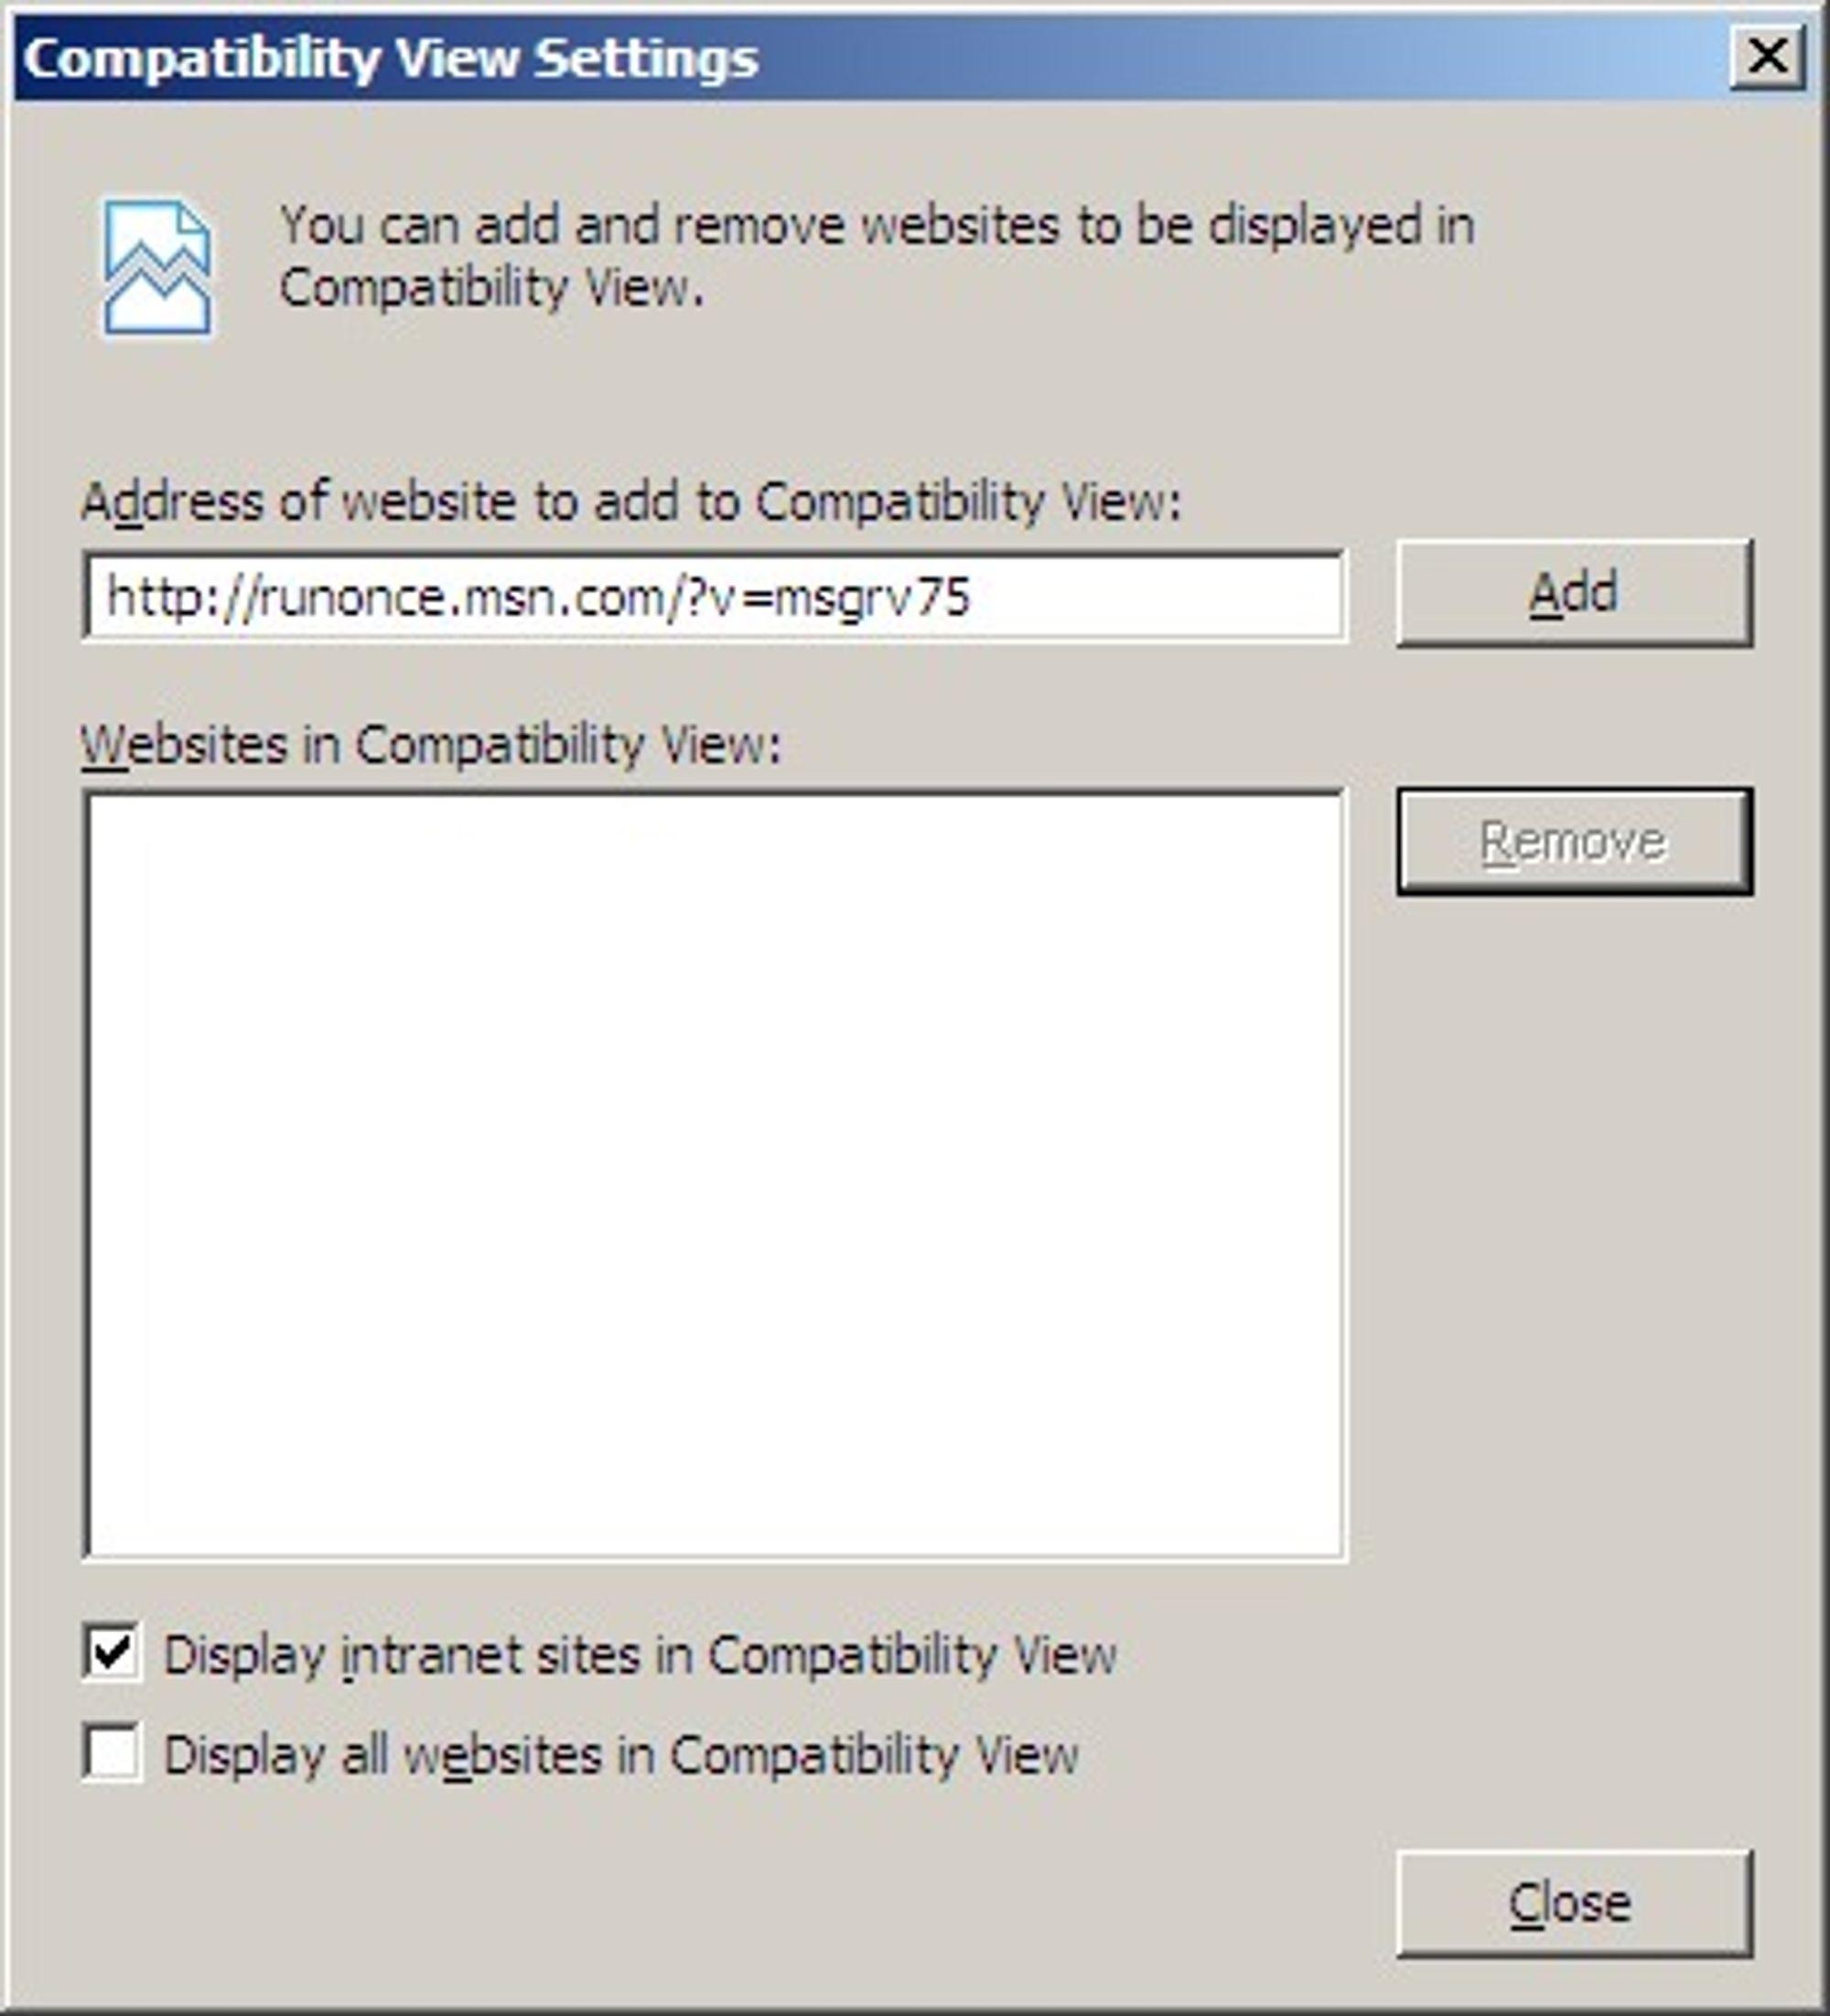 Internet Explorer 8 beta 2 - konfigurasjon av intranett og kompatibilitetsvisning